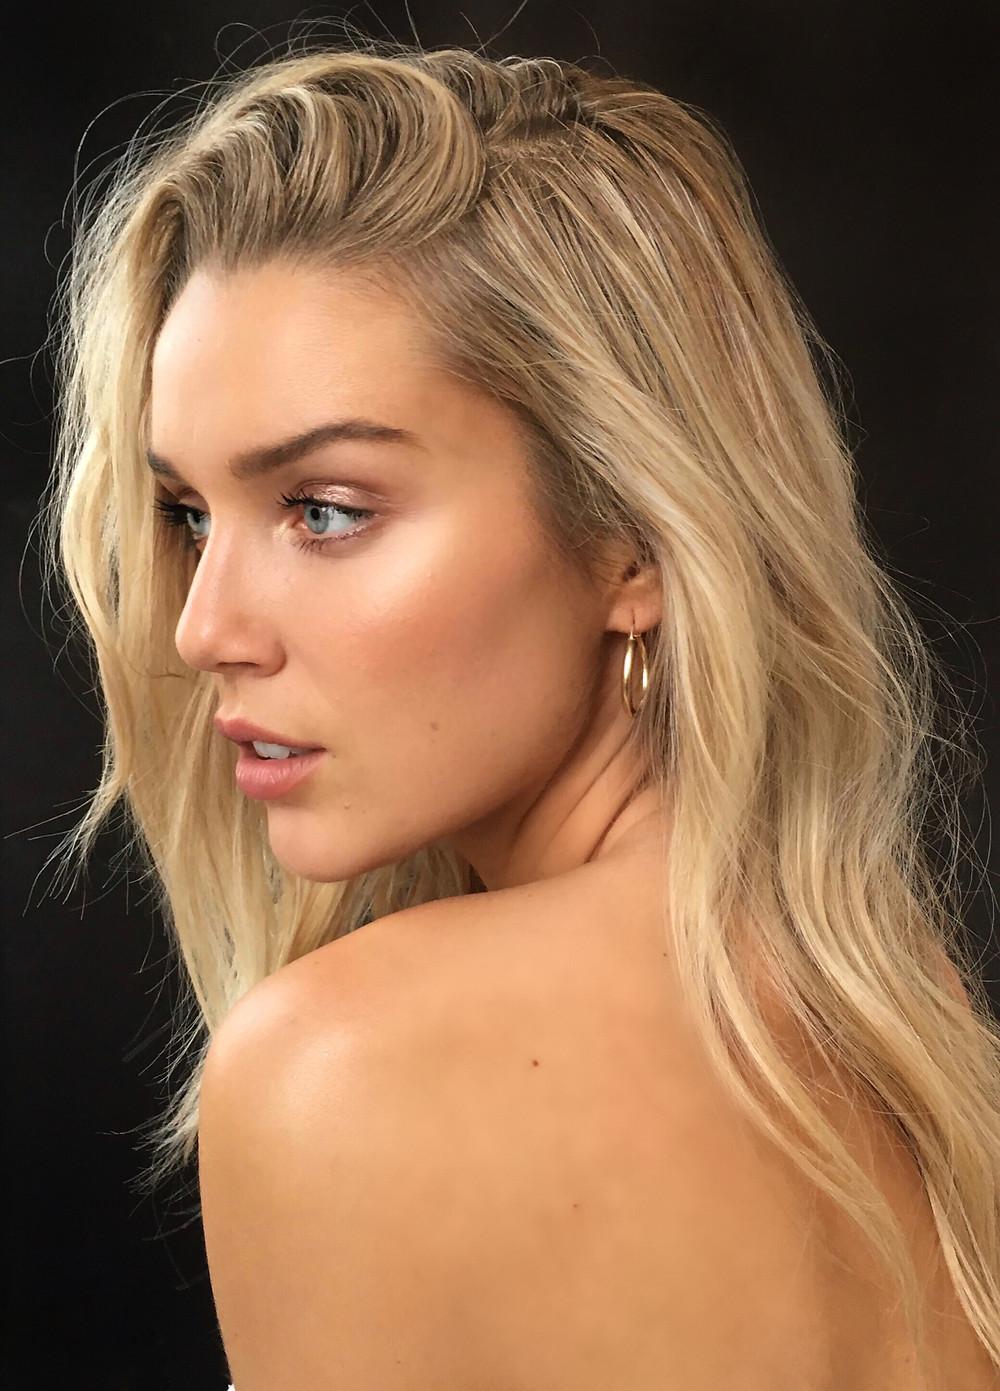 Mayillah Makeup Artist, Marie-Laurence Gravel Model, Natural Beauty by Mayillah, Golden Edition, The Beauty Edit, @mayillah_